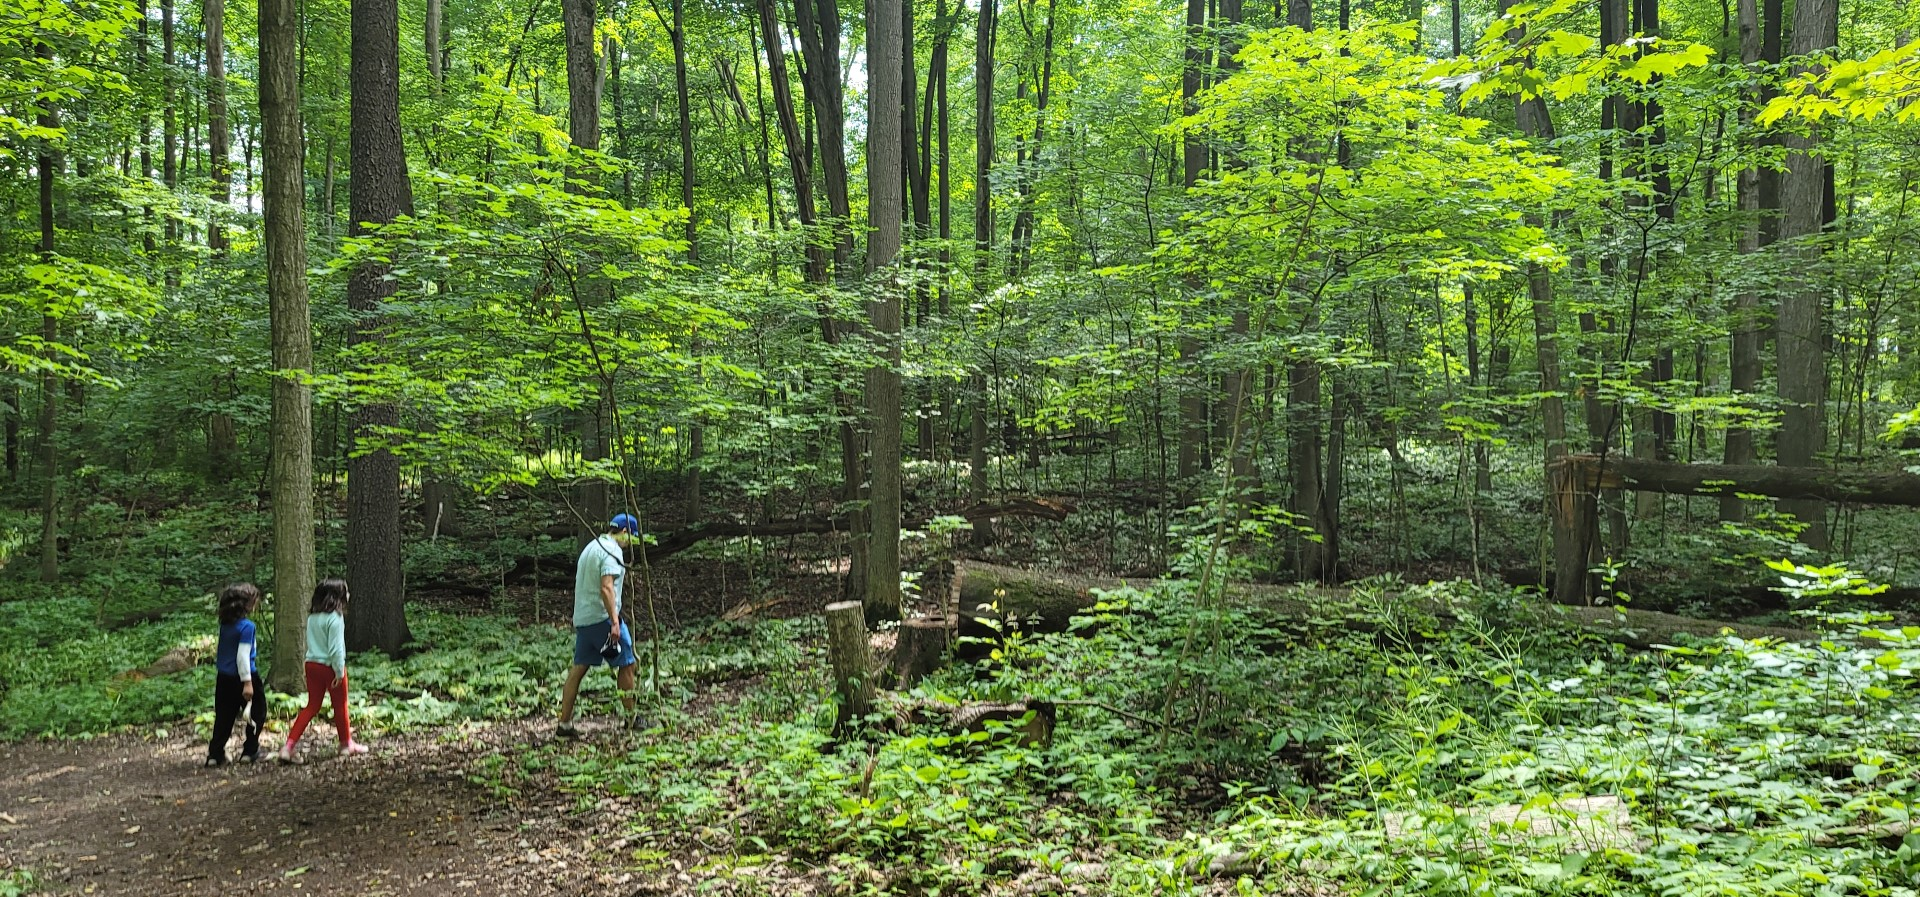 trees at trillium woods trail